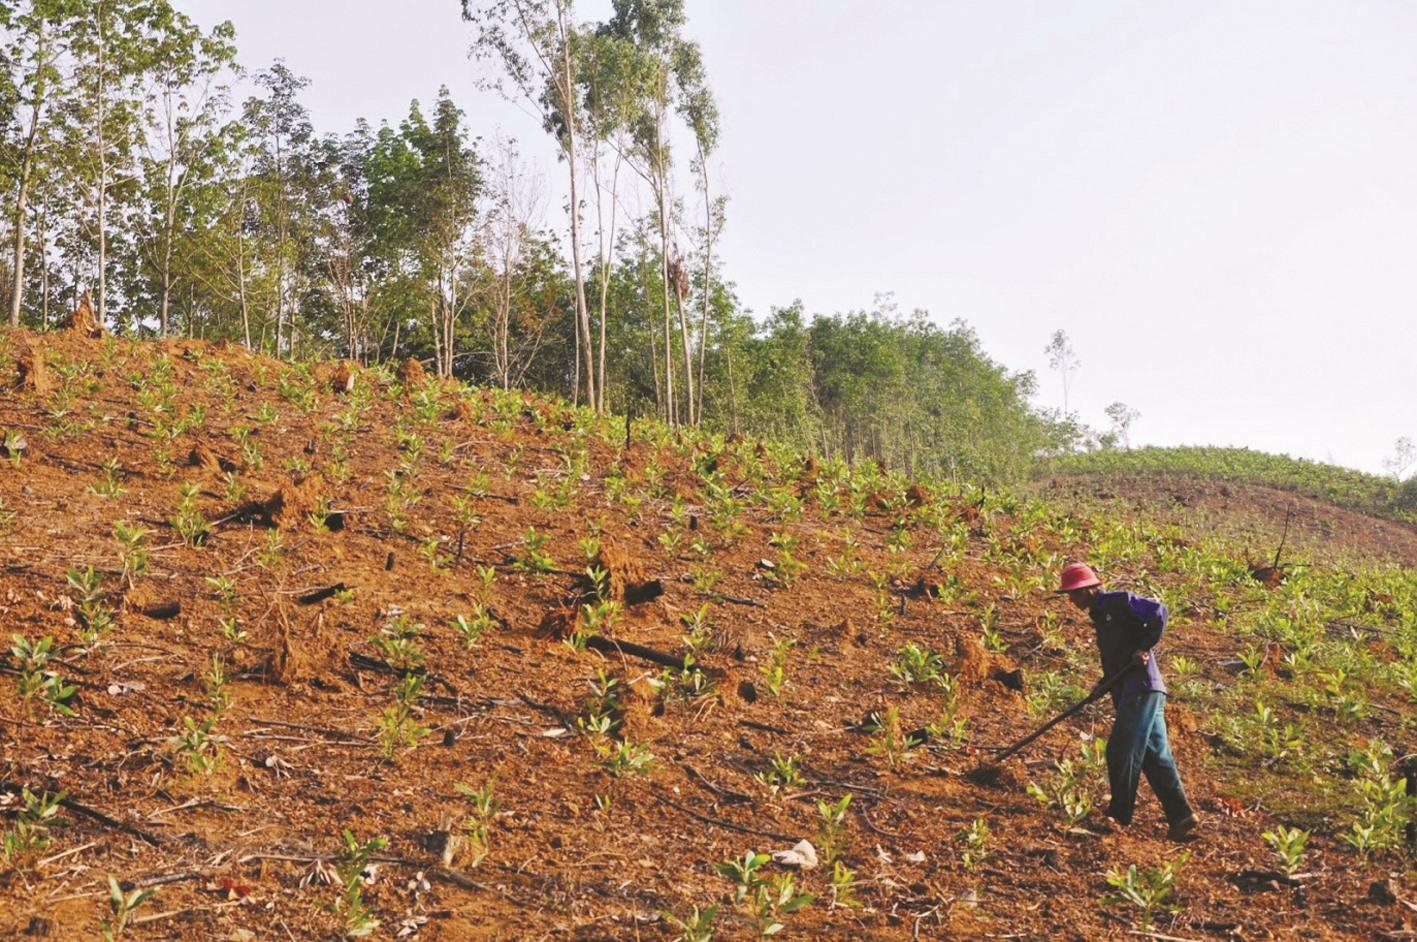 Những năm qua, việc phát triển rừng trồng gỗ lớn tại Quảng Nam gặp nhiều khó khăn. Ảnh: H.P